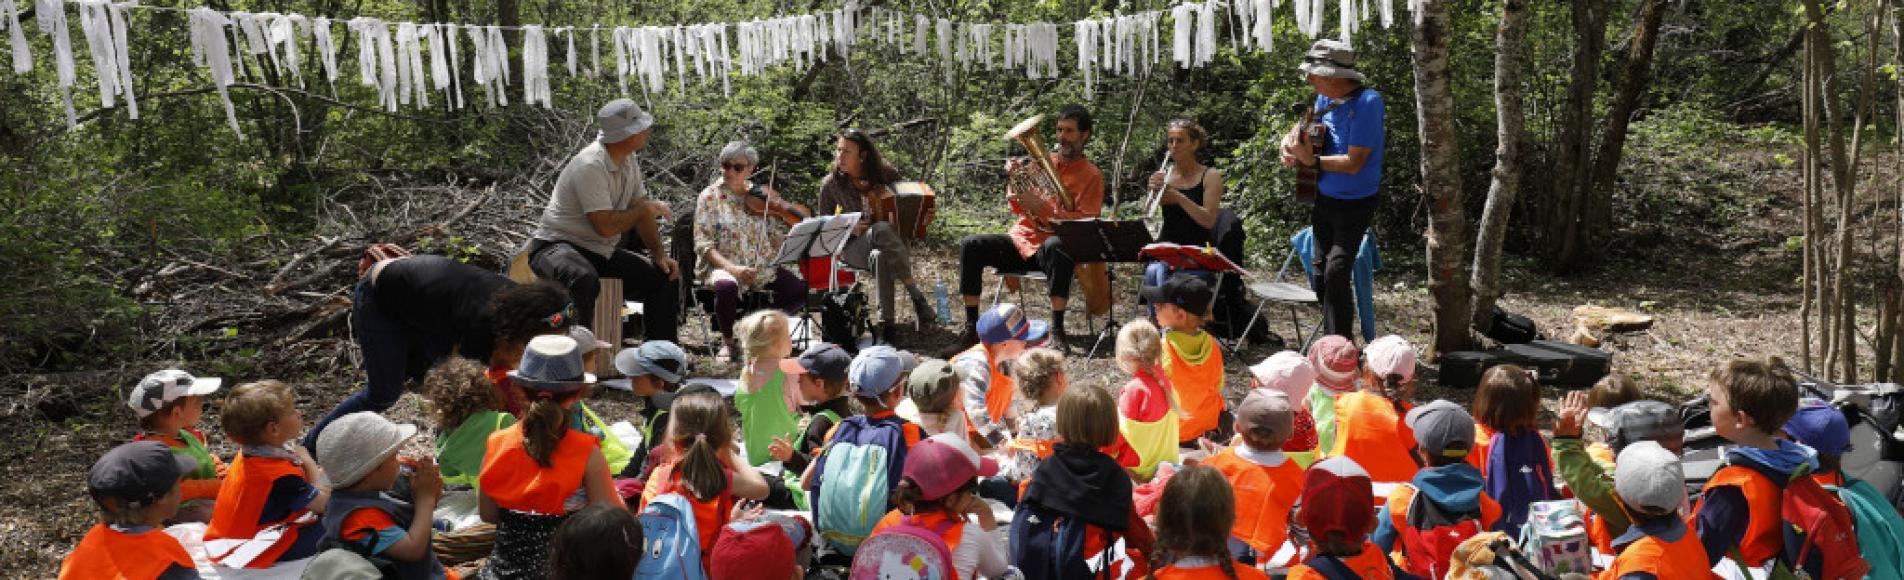 Contes et musique - scolaires -Ecrins de nature 2019 - Vallouise - photo P.Saulay - Parc national des Ecrins